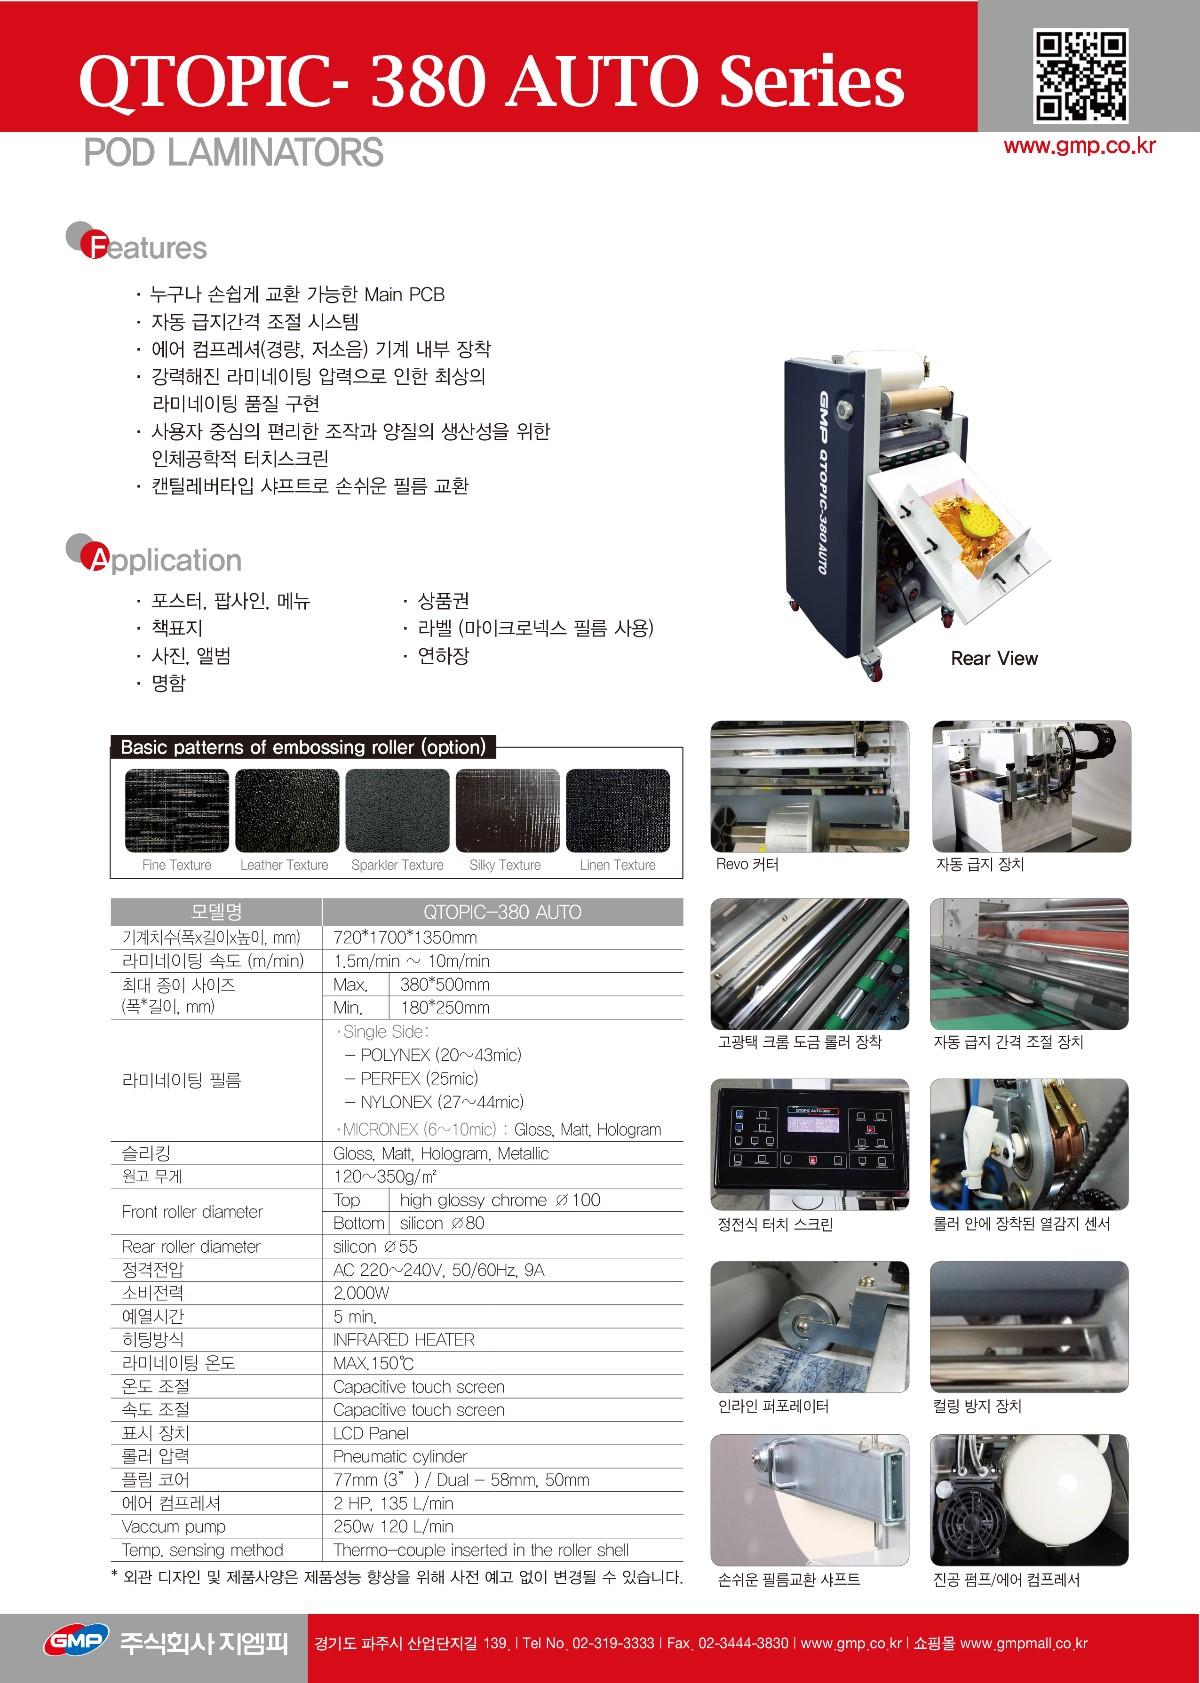 QTOPIC-380_AUTO_국문_-2.jpg